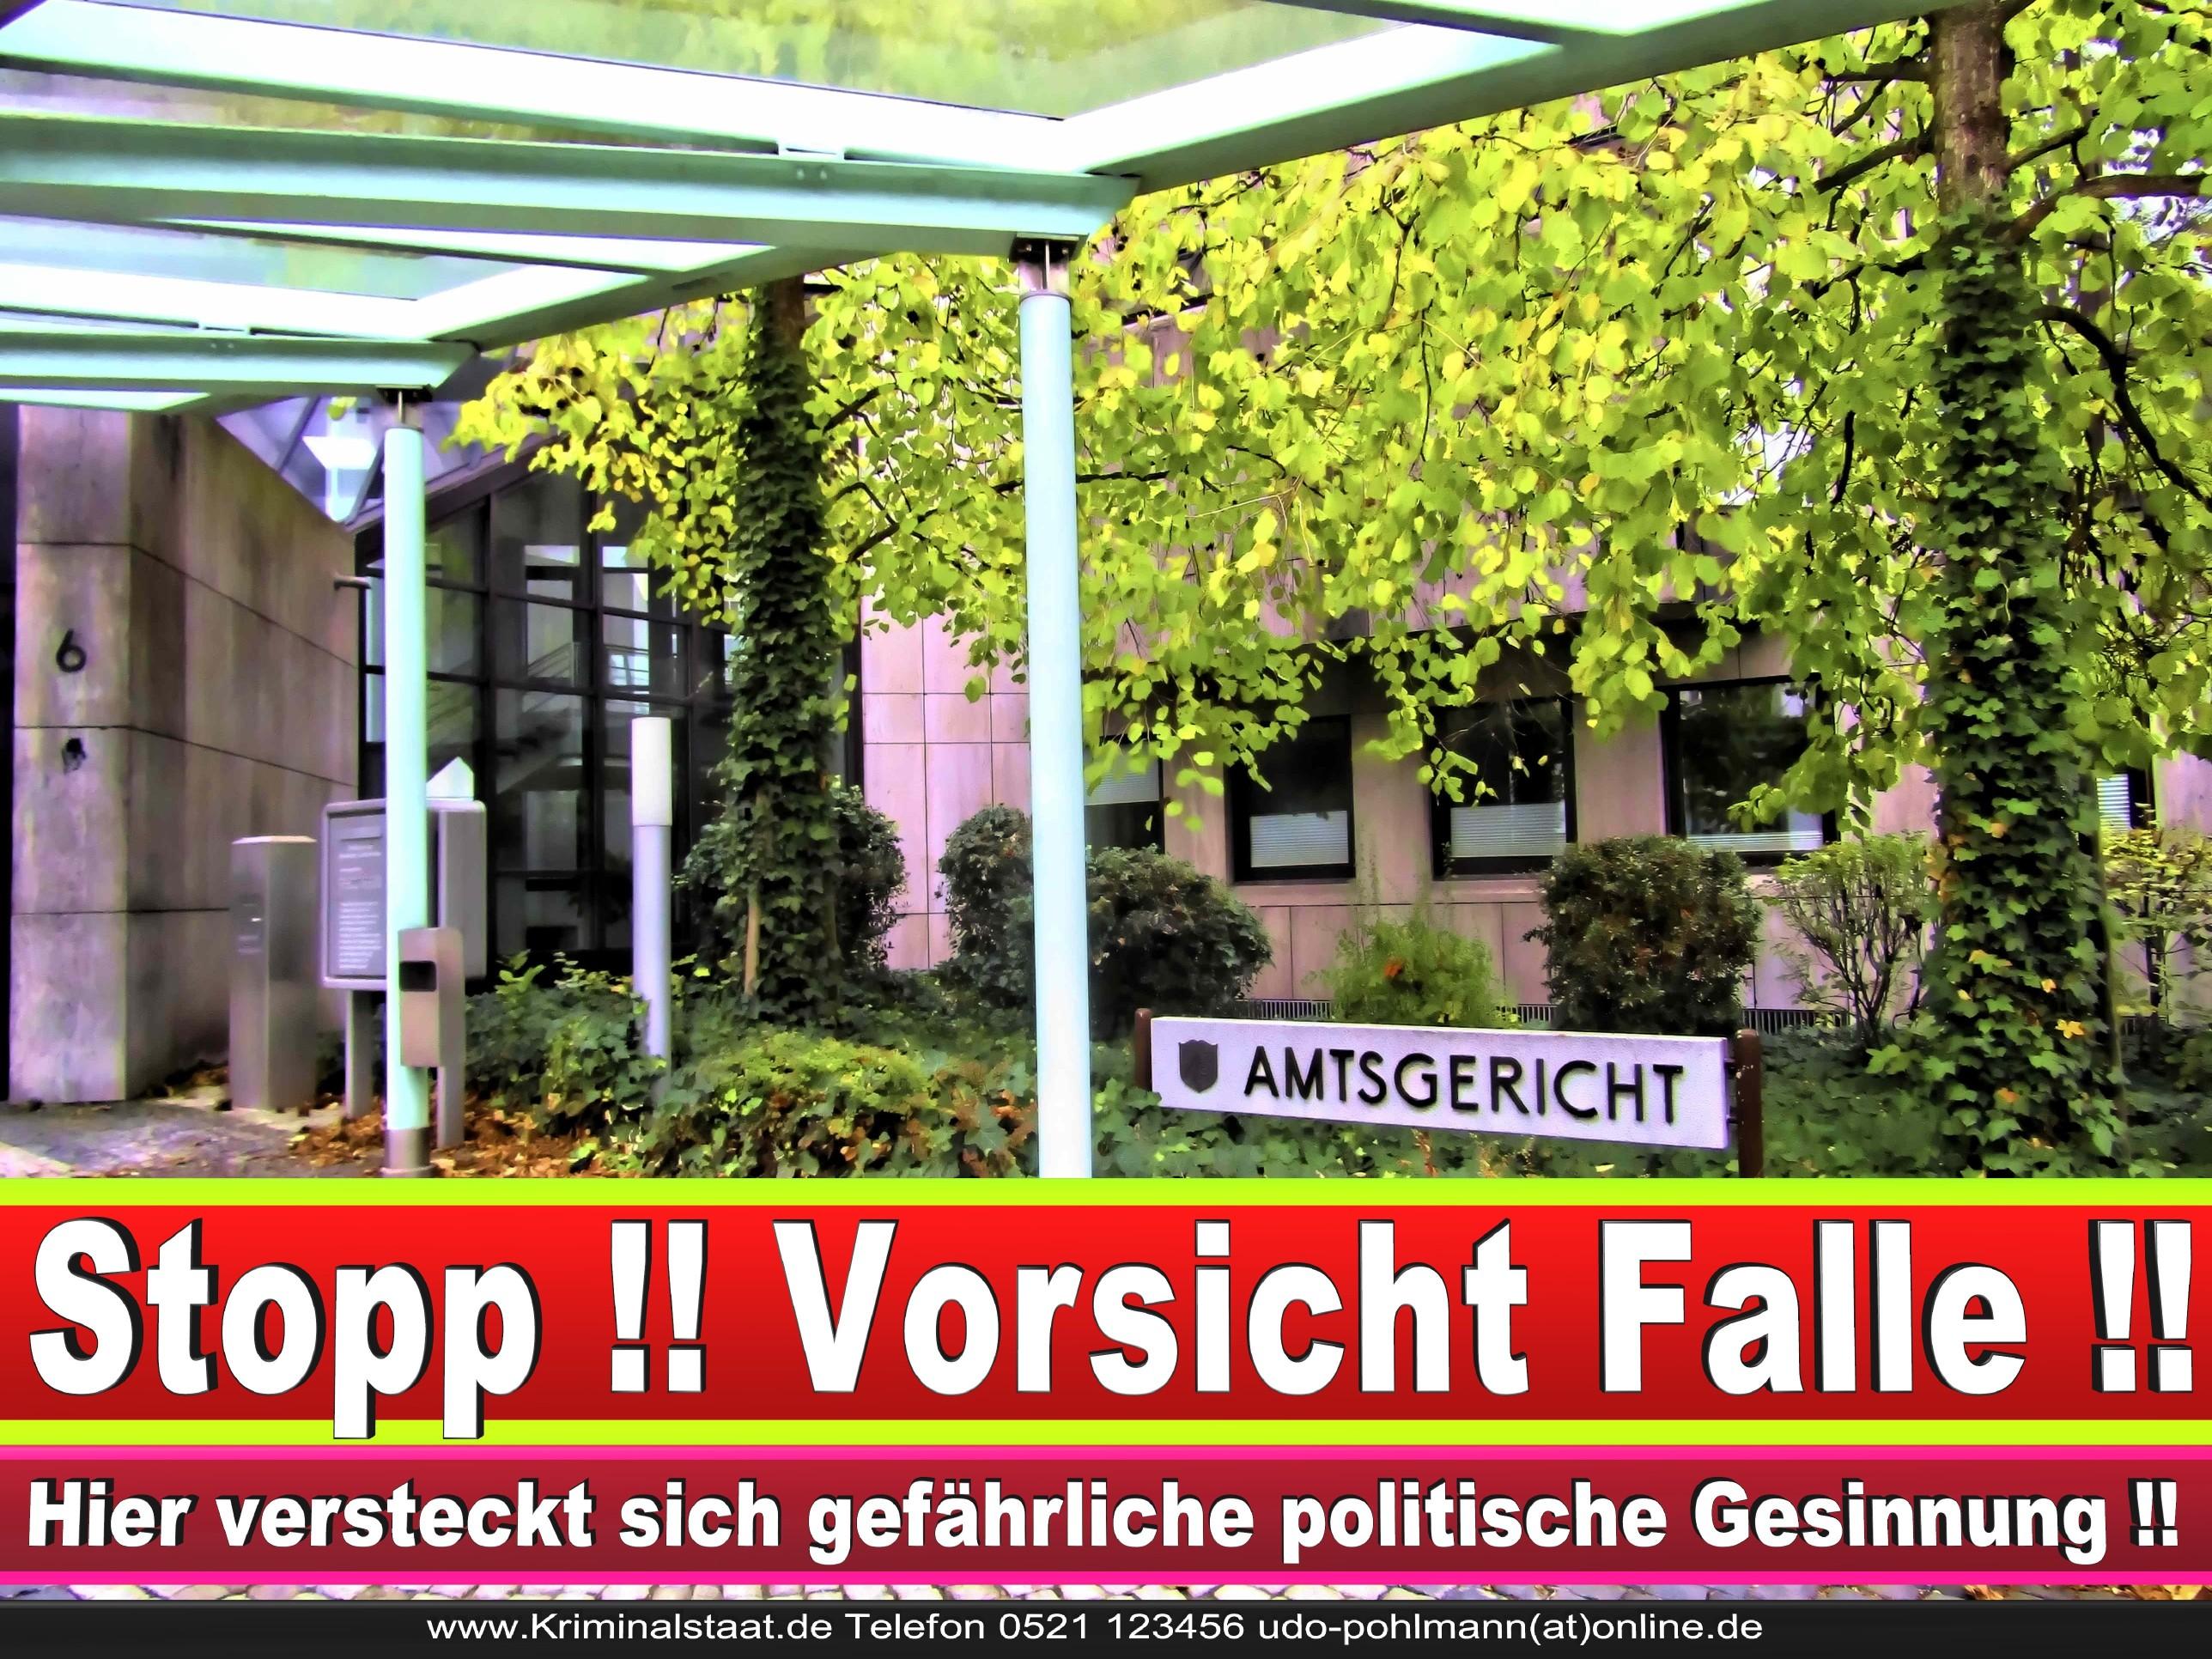 Amtsgericht Landgericht Staatsanwaltschaft Bielefeld Behörden NRW Arbeitsgericht Sozialgericht Verwaltungsgericht 2